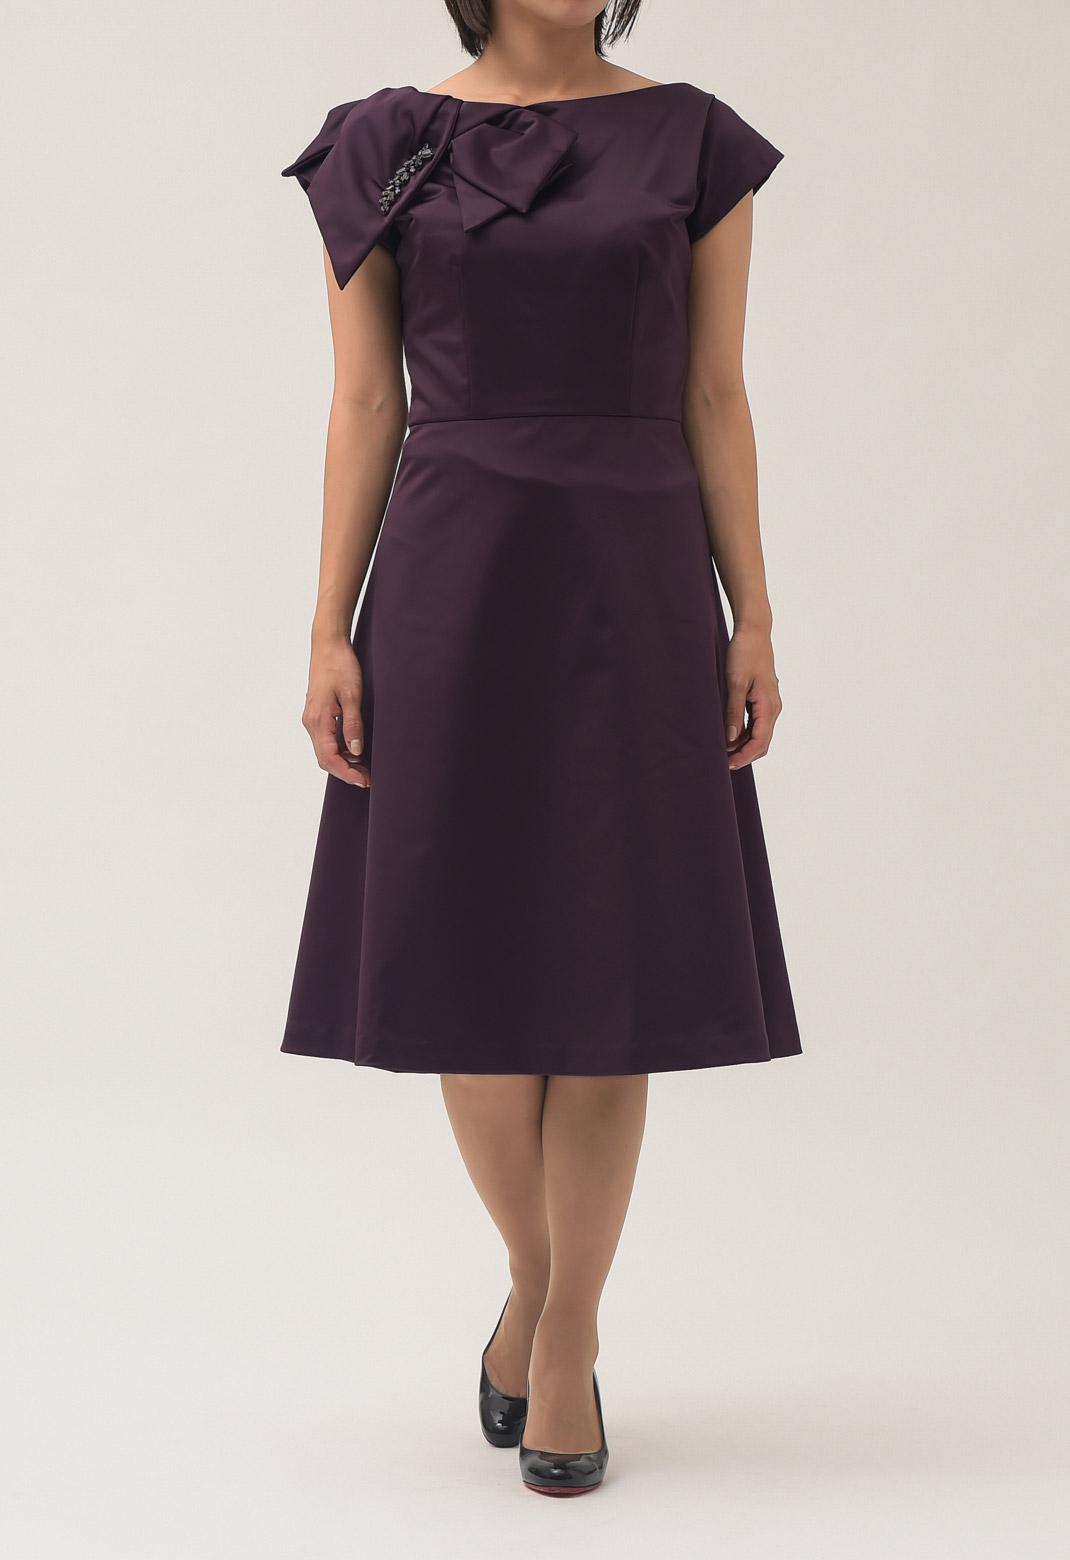 ビジュー× リボン ストレッチ 半袖 ドレス